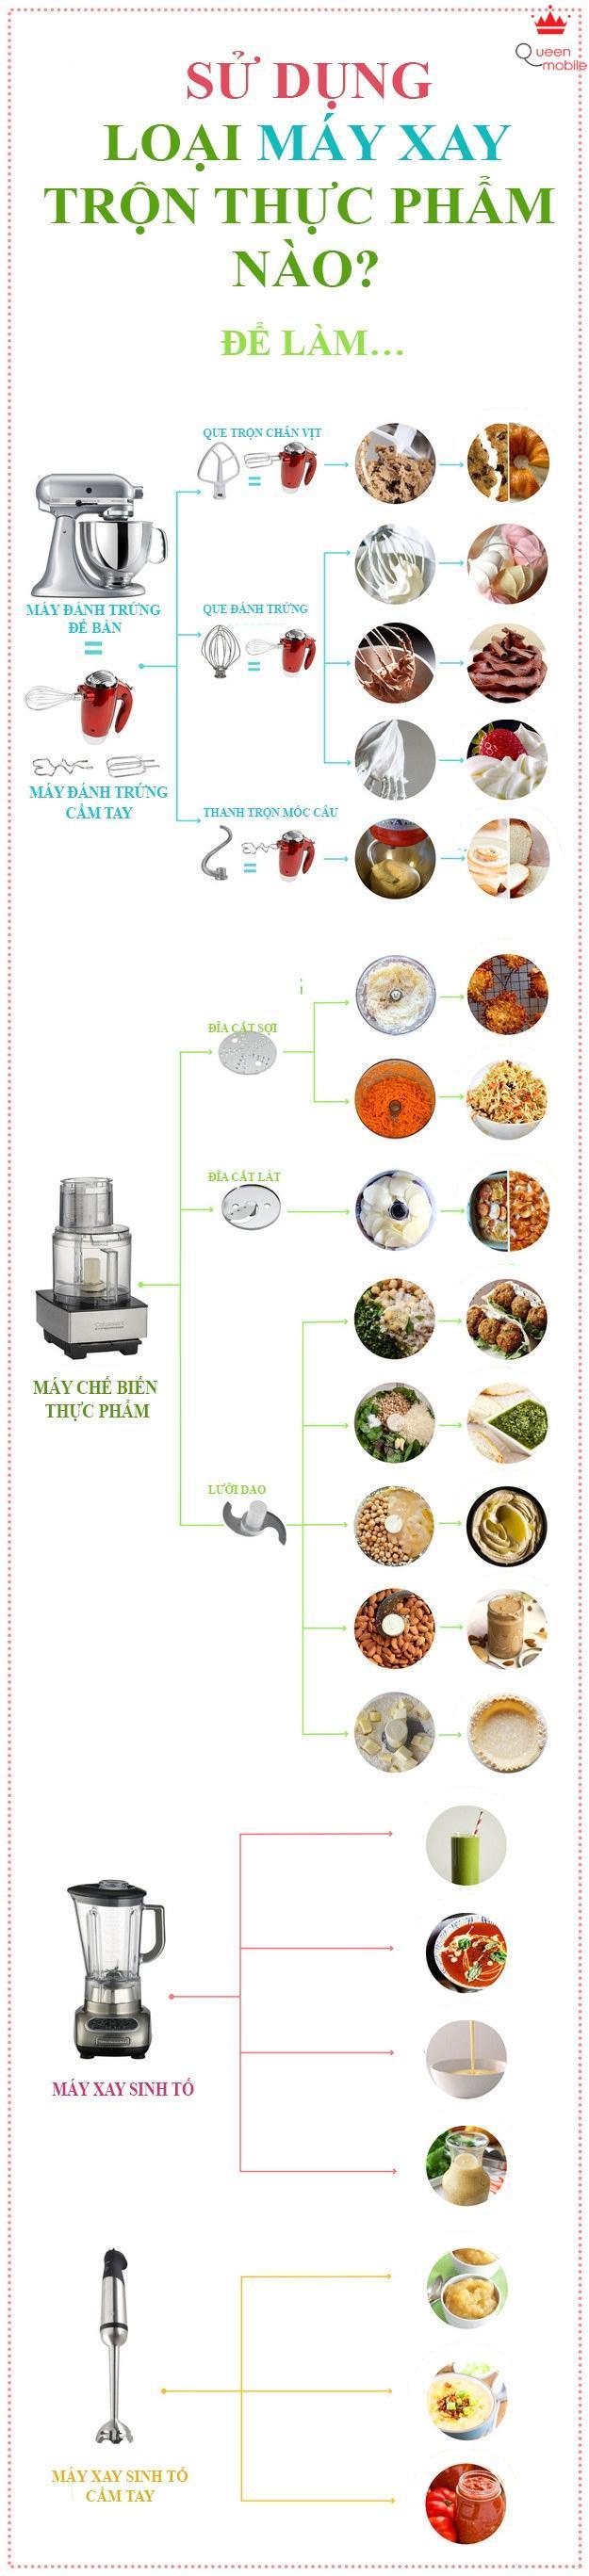 Chọn loại nào trong các máy sau: Chế biến thực phẩm, đánh trứng hay máy xay sinh tố?